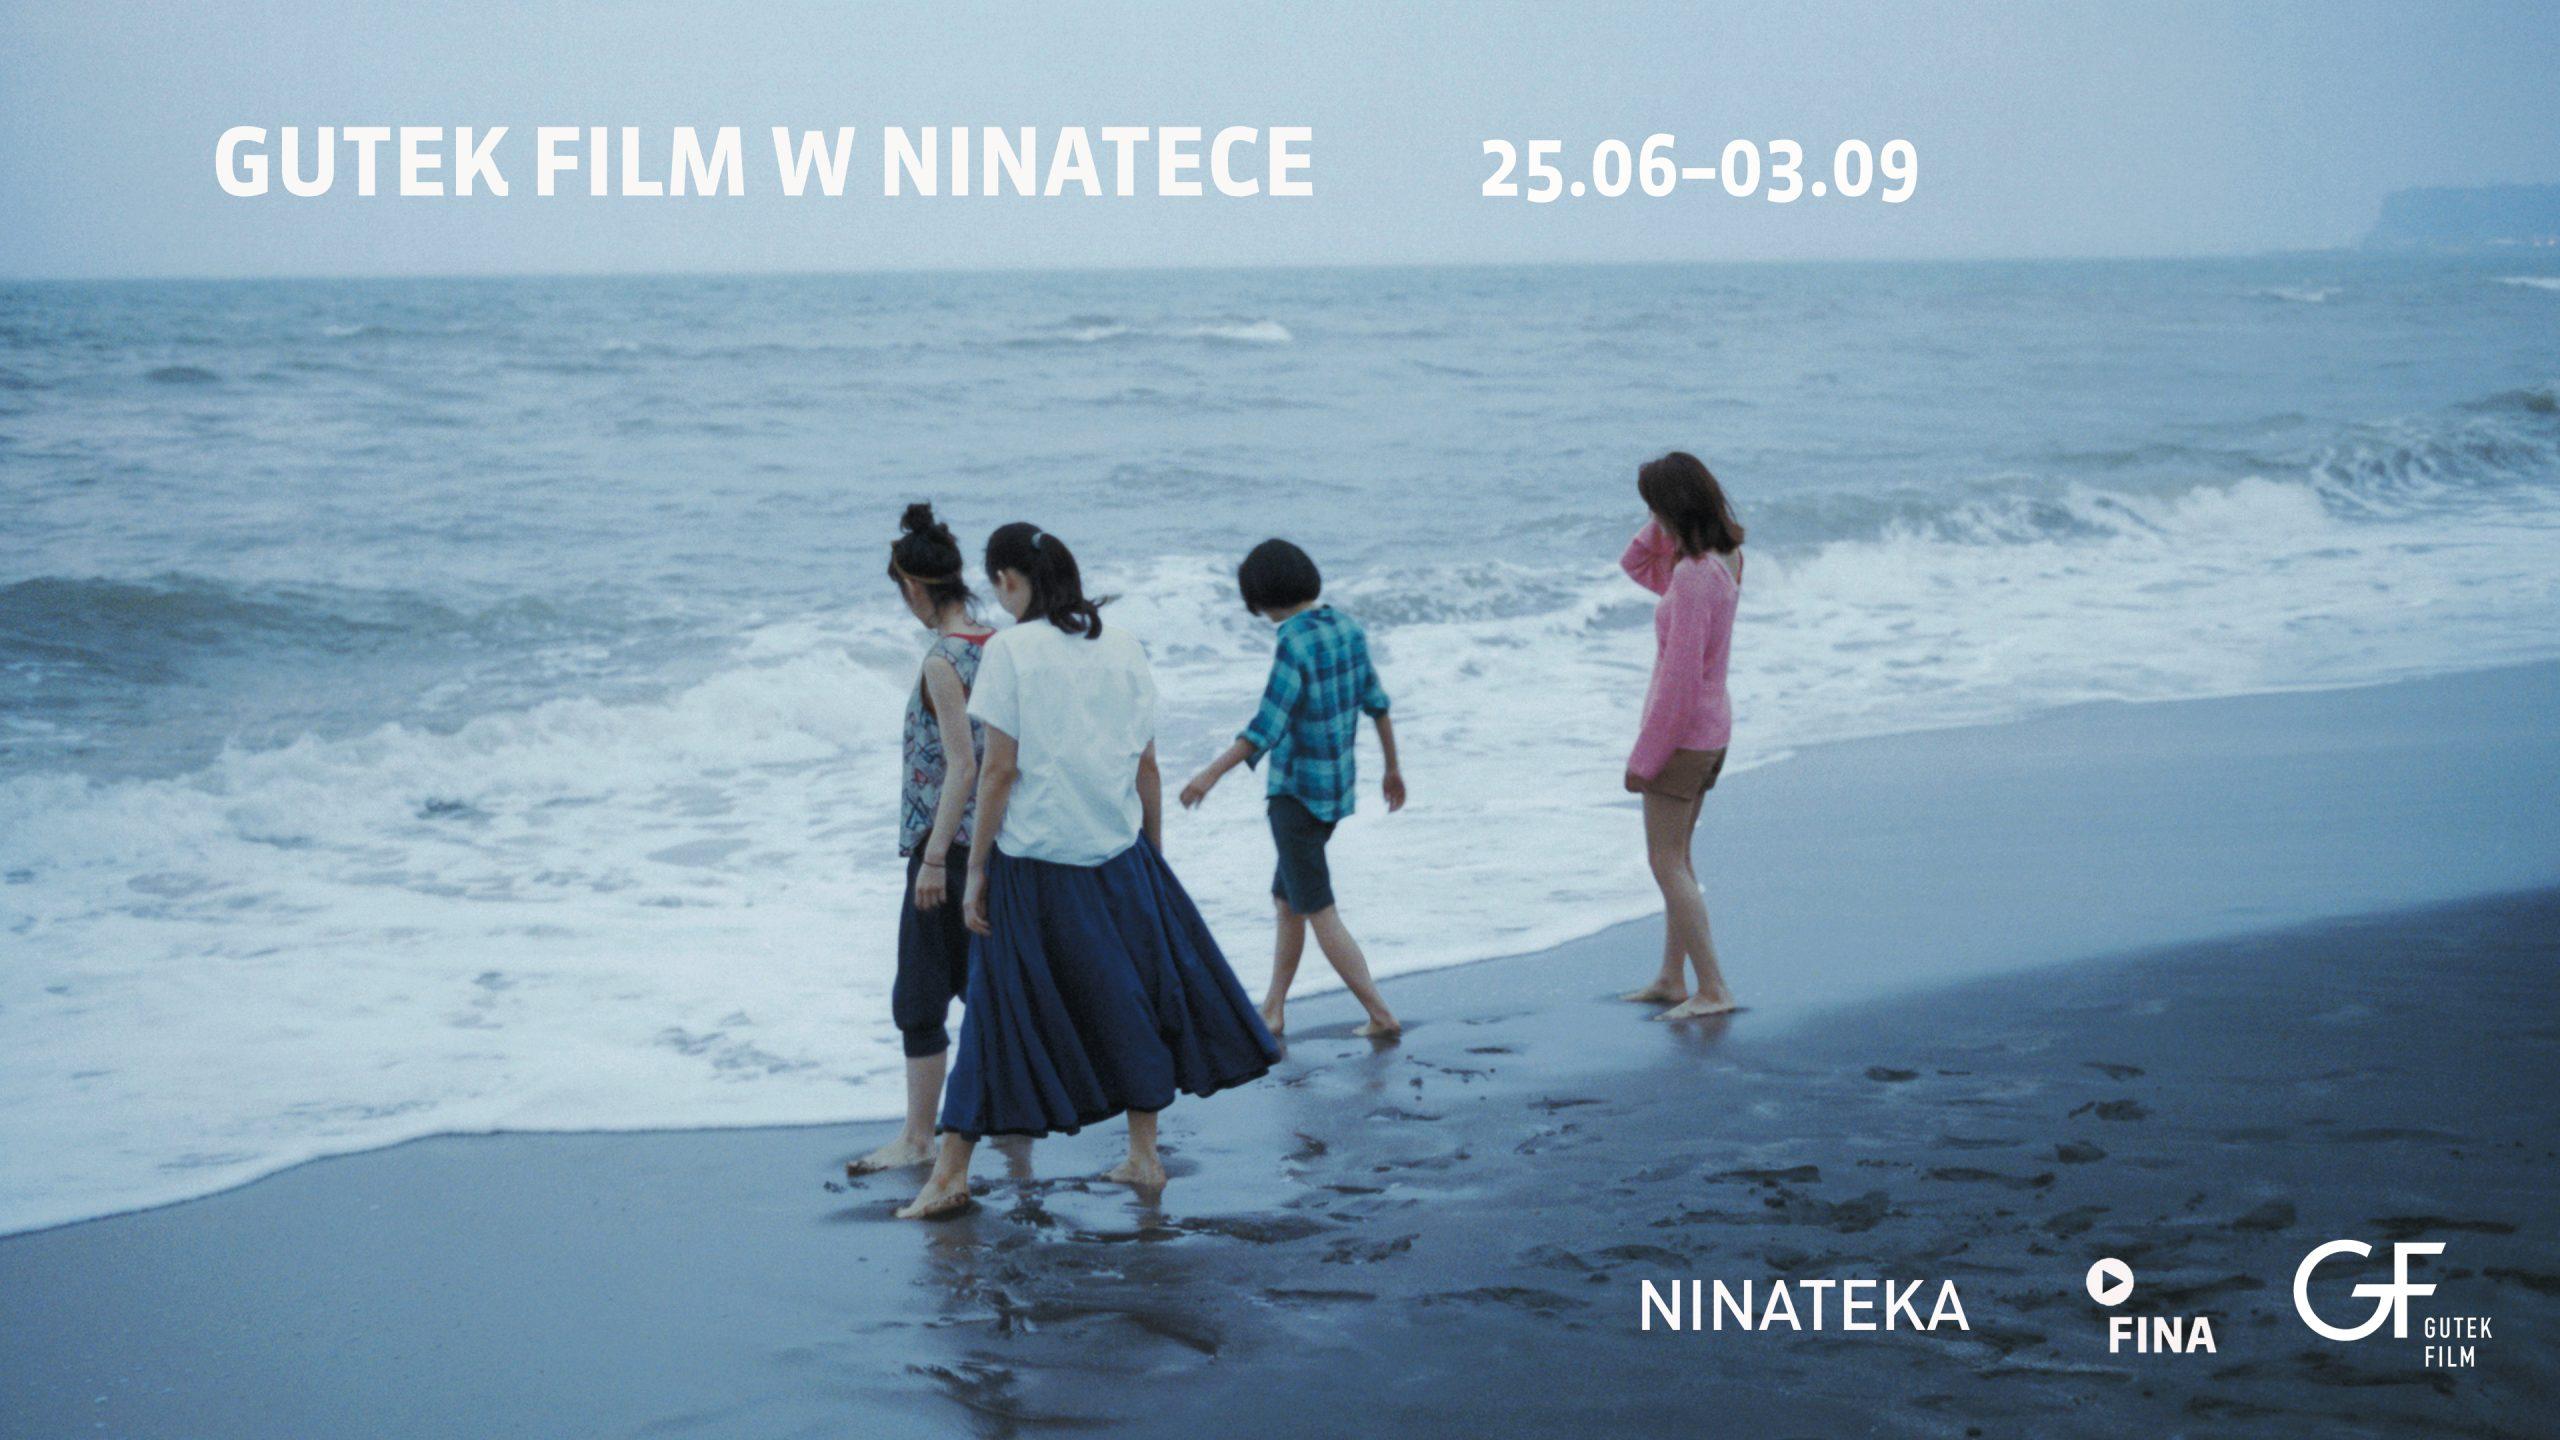 Gutek Film w Ninatece